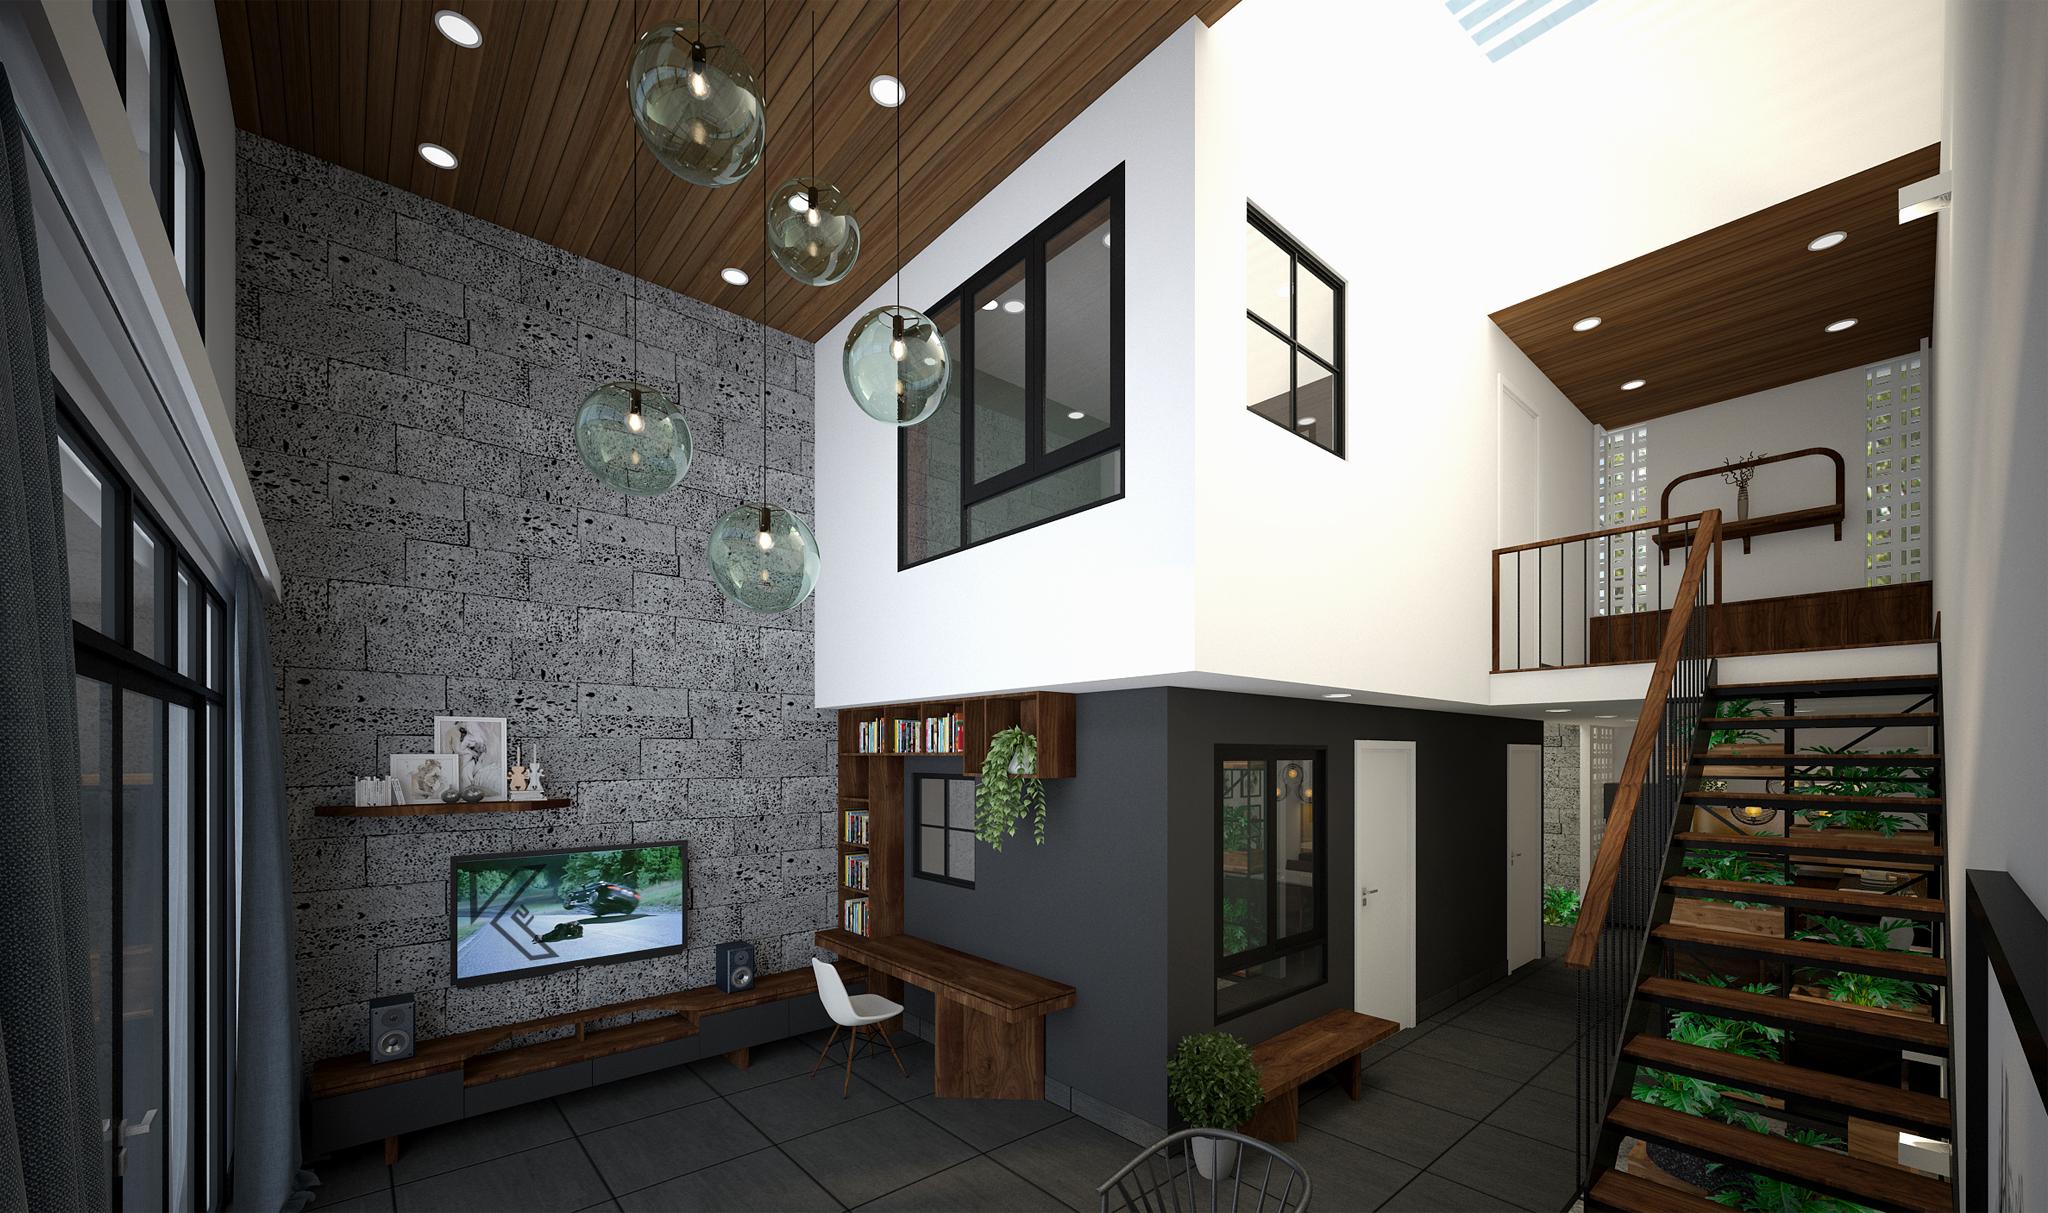 Thiết kế Nhà Mặt Phố tại Khánh Hòa NHÀ THẰNG BẠN 1576921425 4